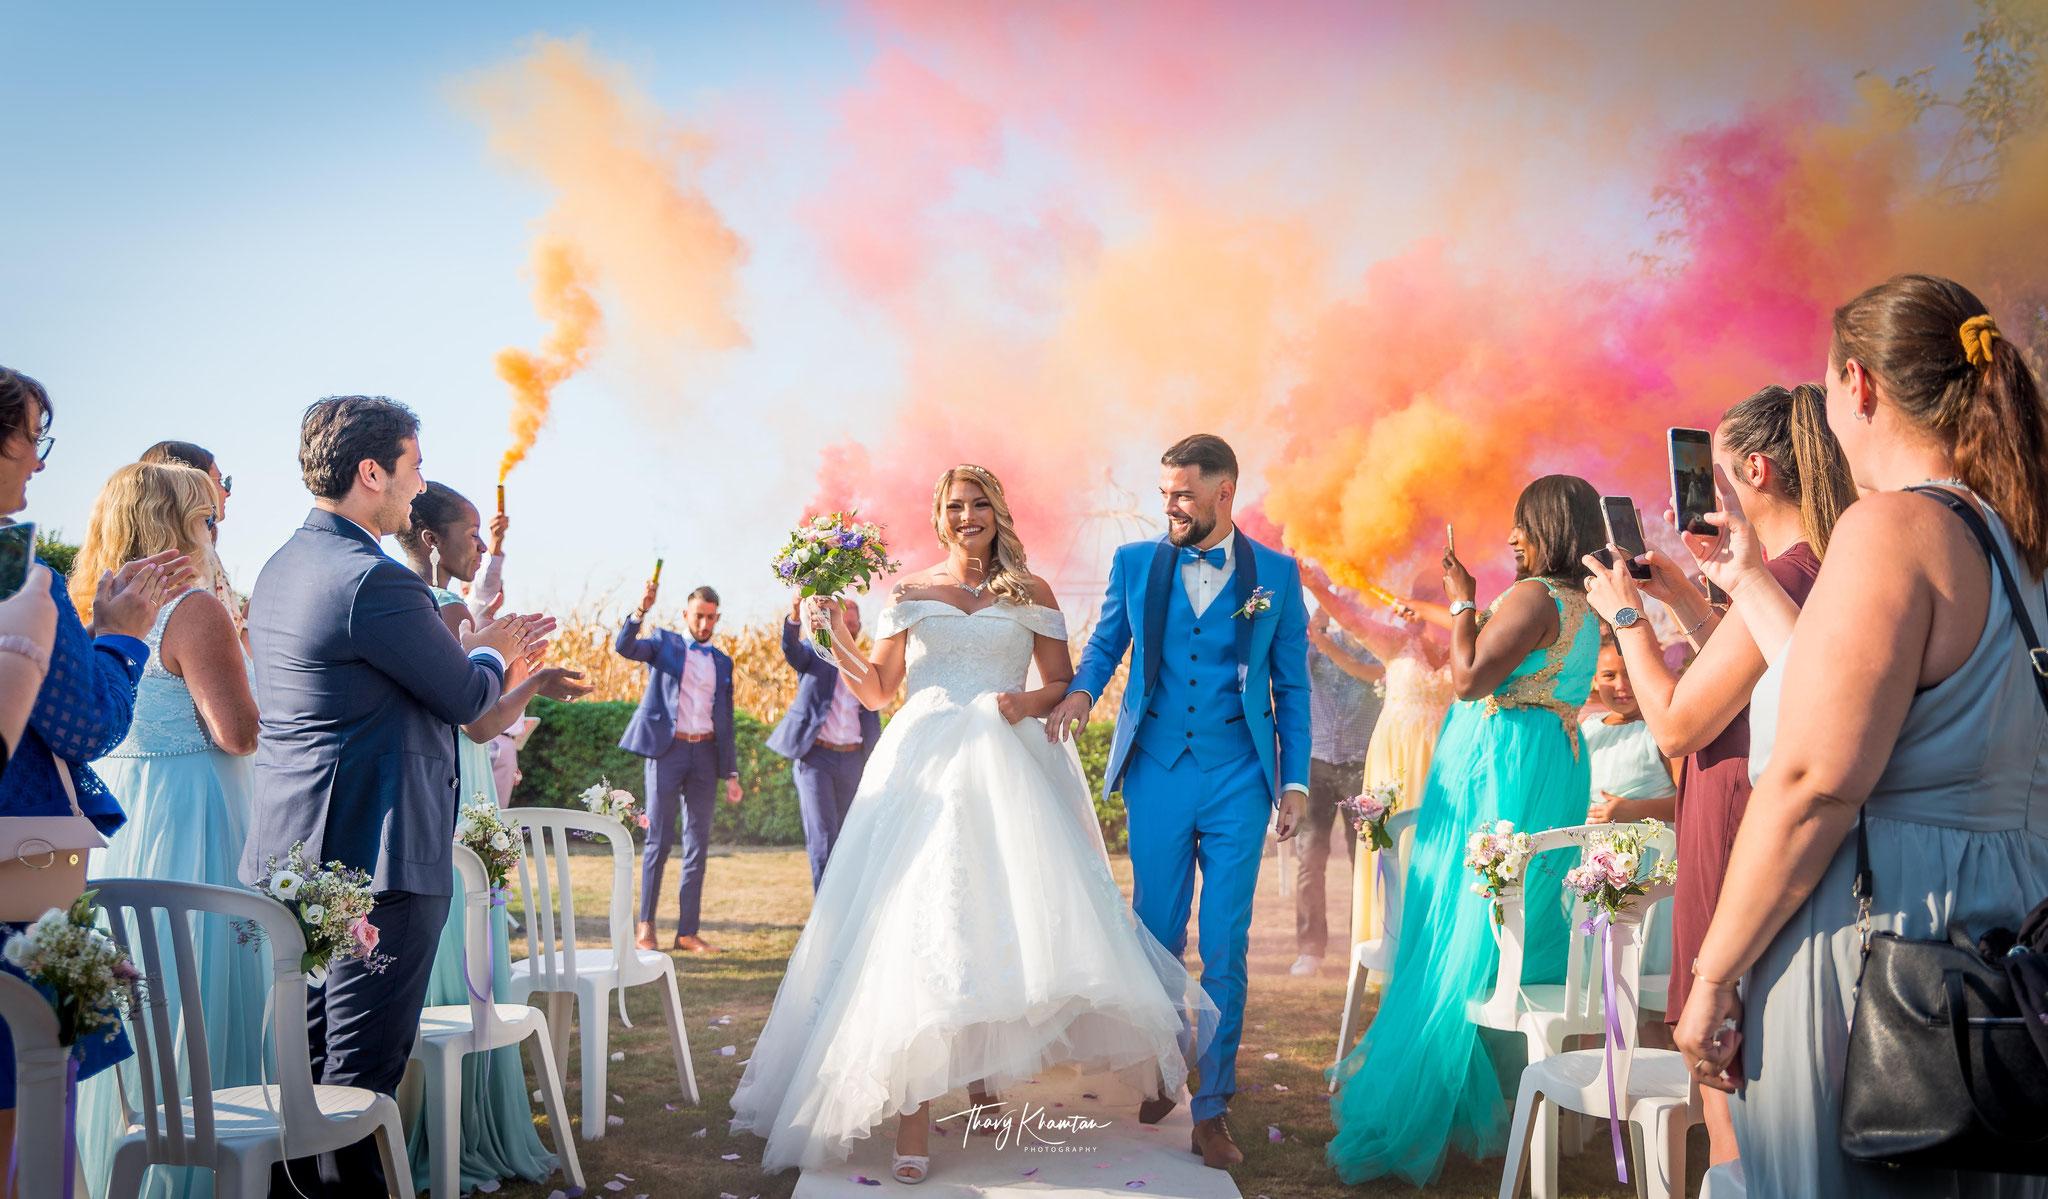 La Sortie des mariés Crédit Photo: Thavy Khamtan